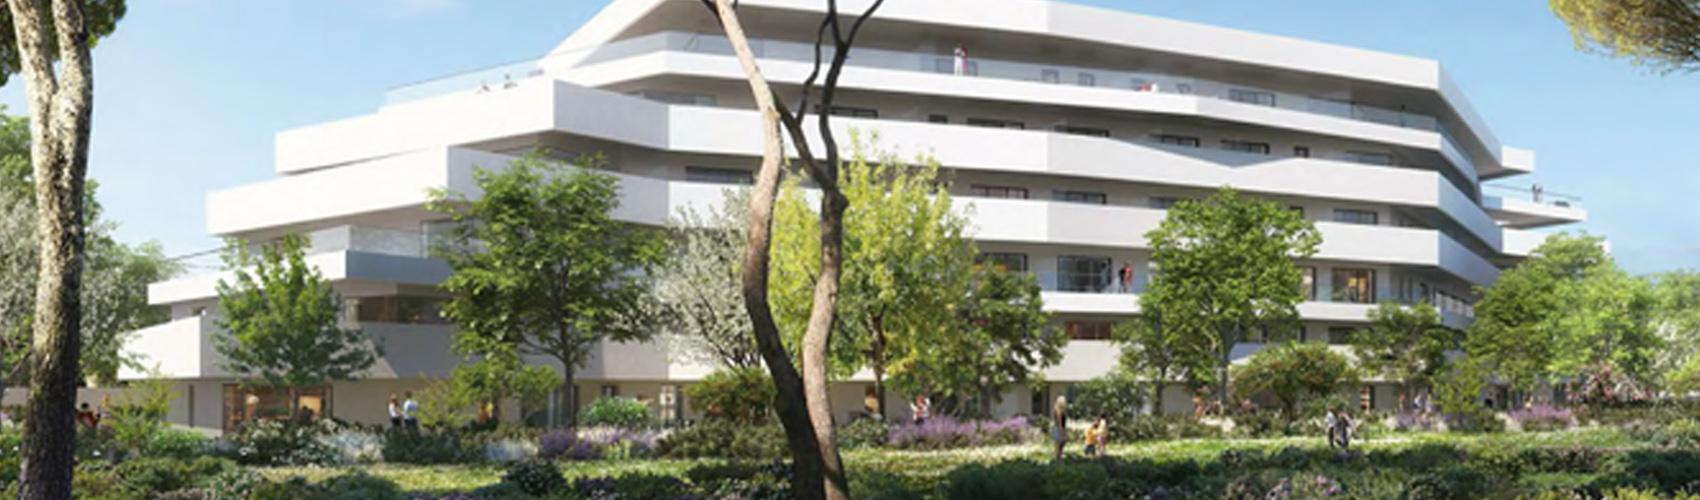 Photo du programme immobilier neuf OCC-2106 à Cornebarrieu